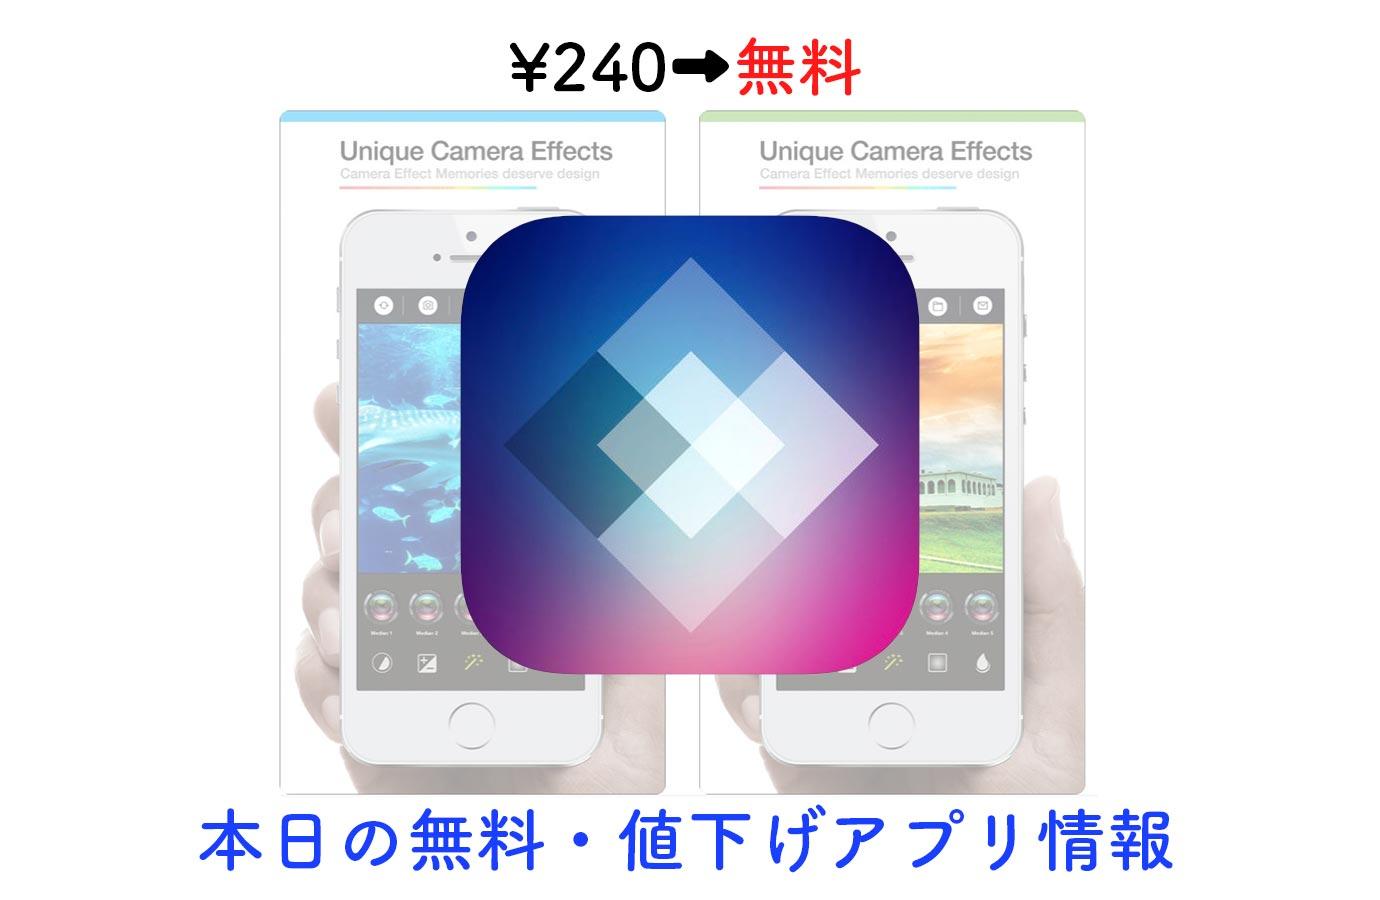 240円→無料、高機能な写真編集アプリ「Perfect Studio」など【5/21】セールアプリ情報